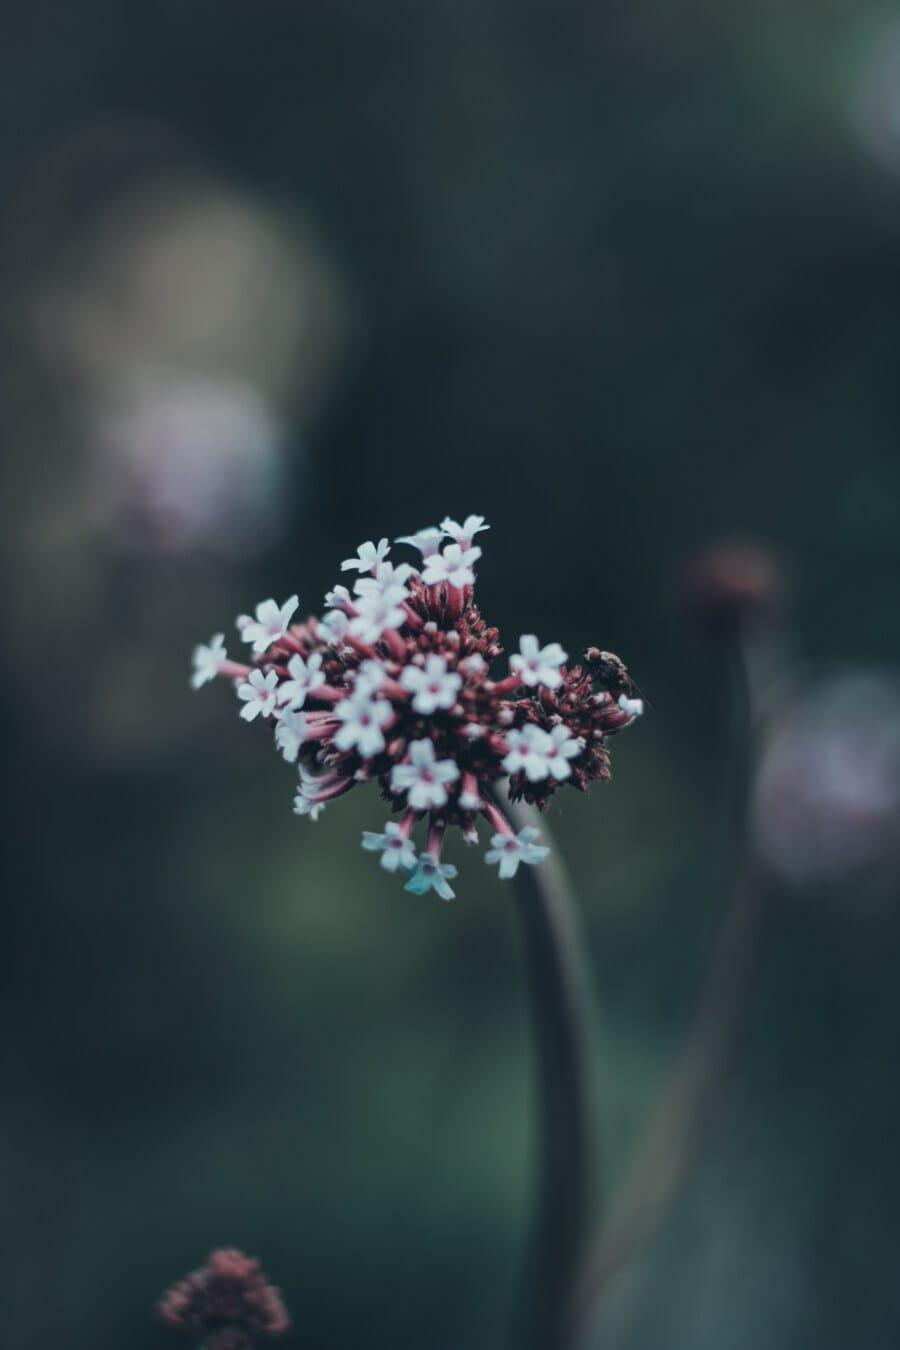 weiße Blume, Schafgarbe, Wildblumen, aus nächster Nähe, Insekt, Wildnis, Tierwelt, verwischen, Blume, Blüte